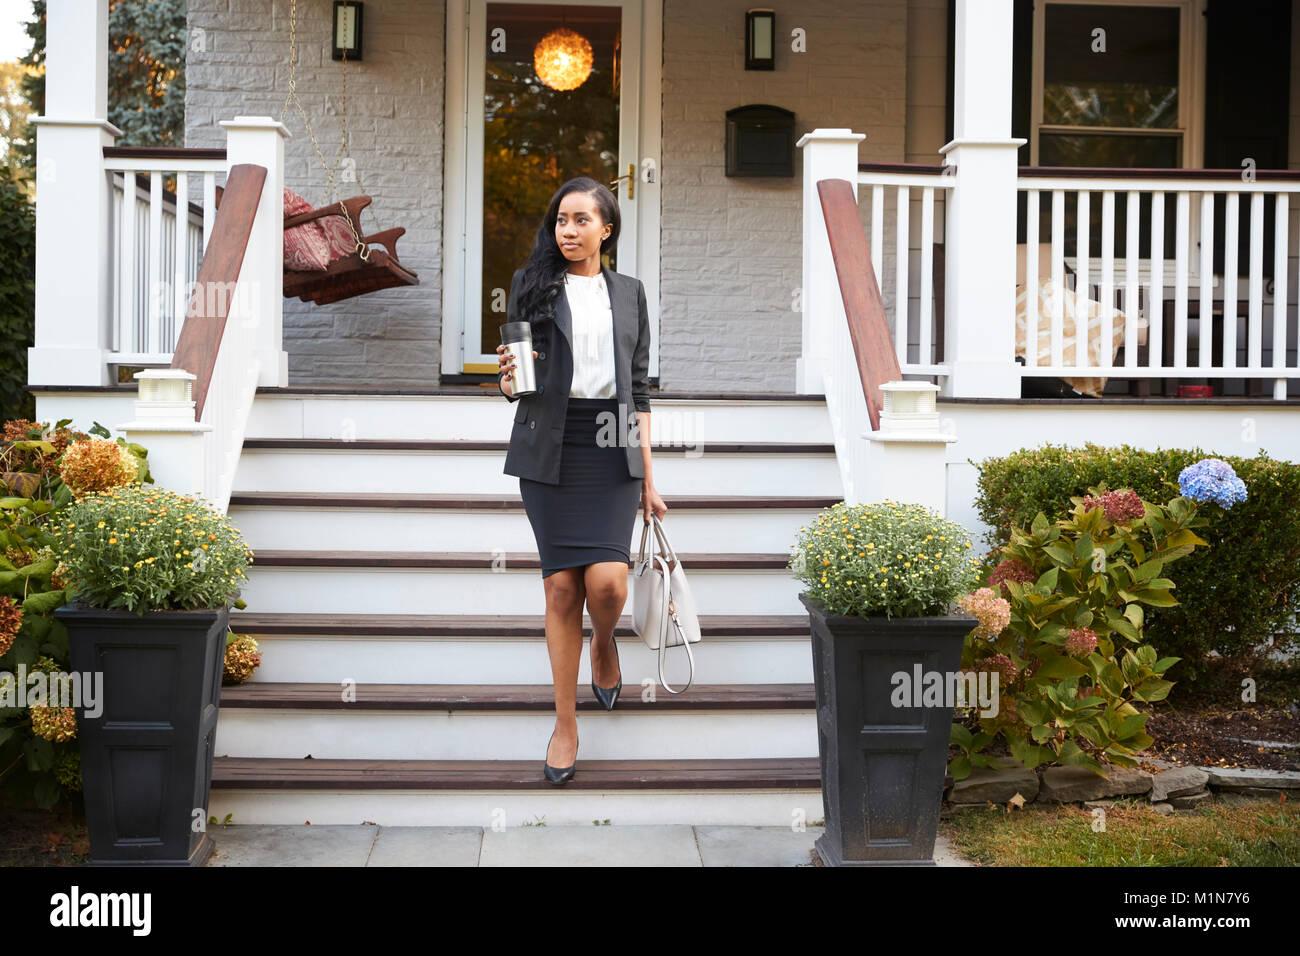 La empresaria con taza de café dejando casa suburbana para trabajar Imagen De Stock